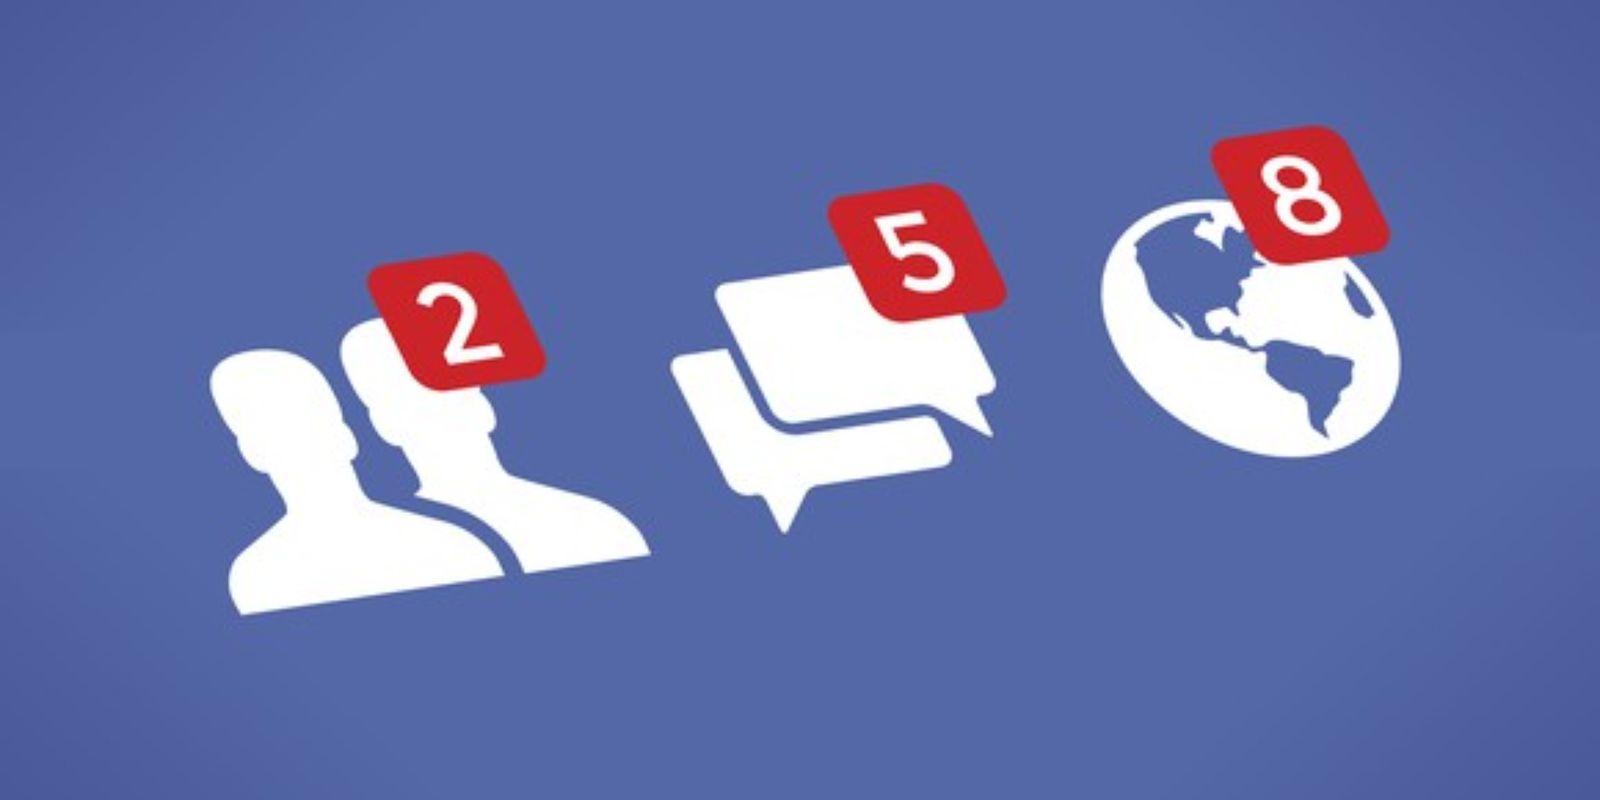 Des conseils pour bien écrire sur les réseaux sociaux